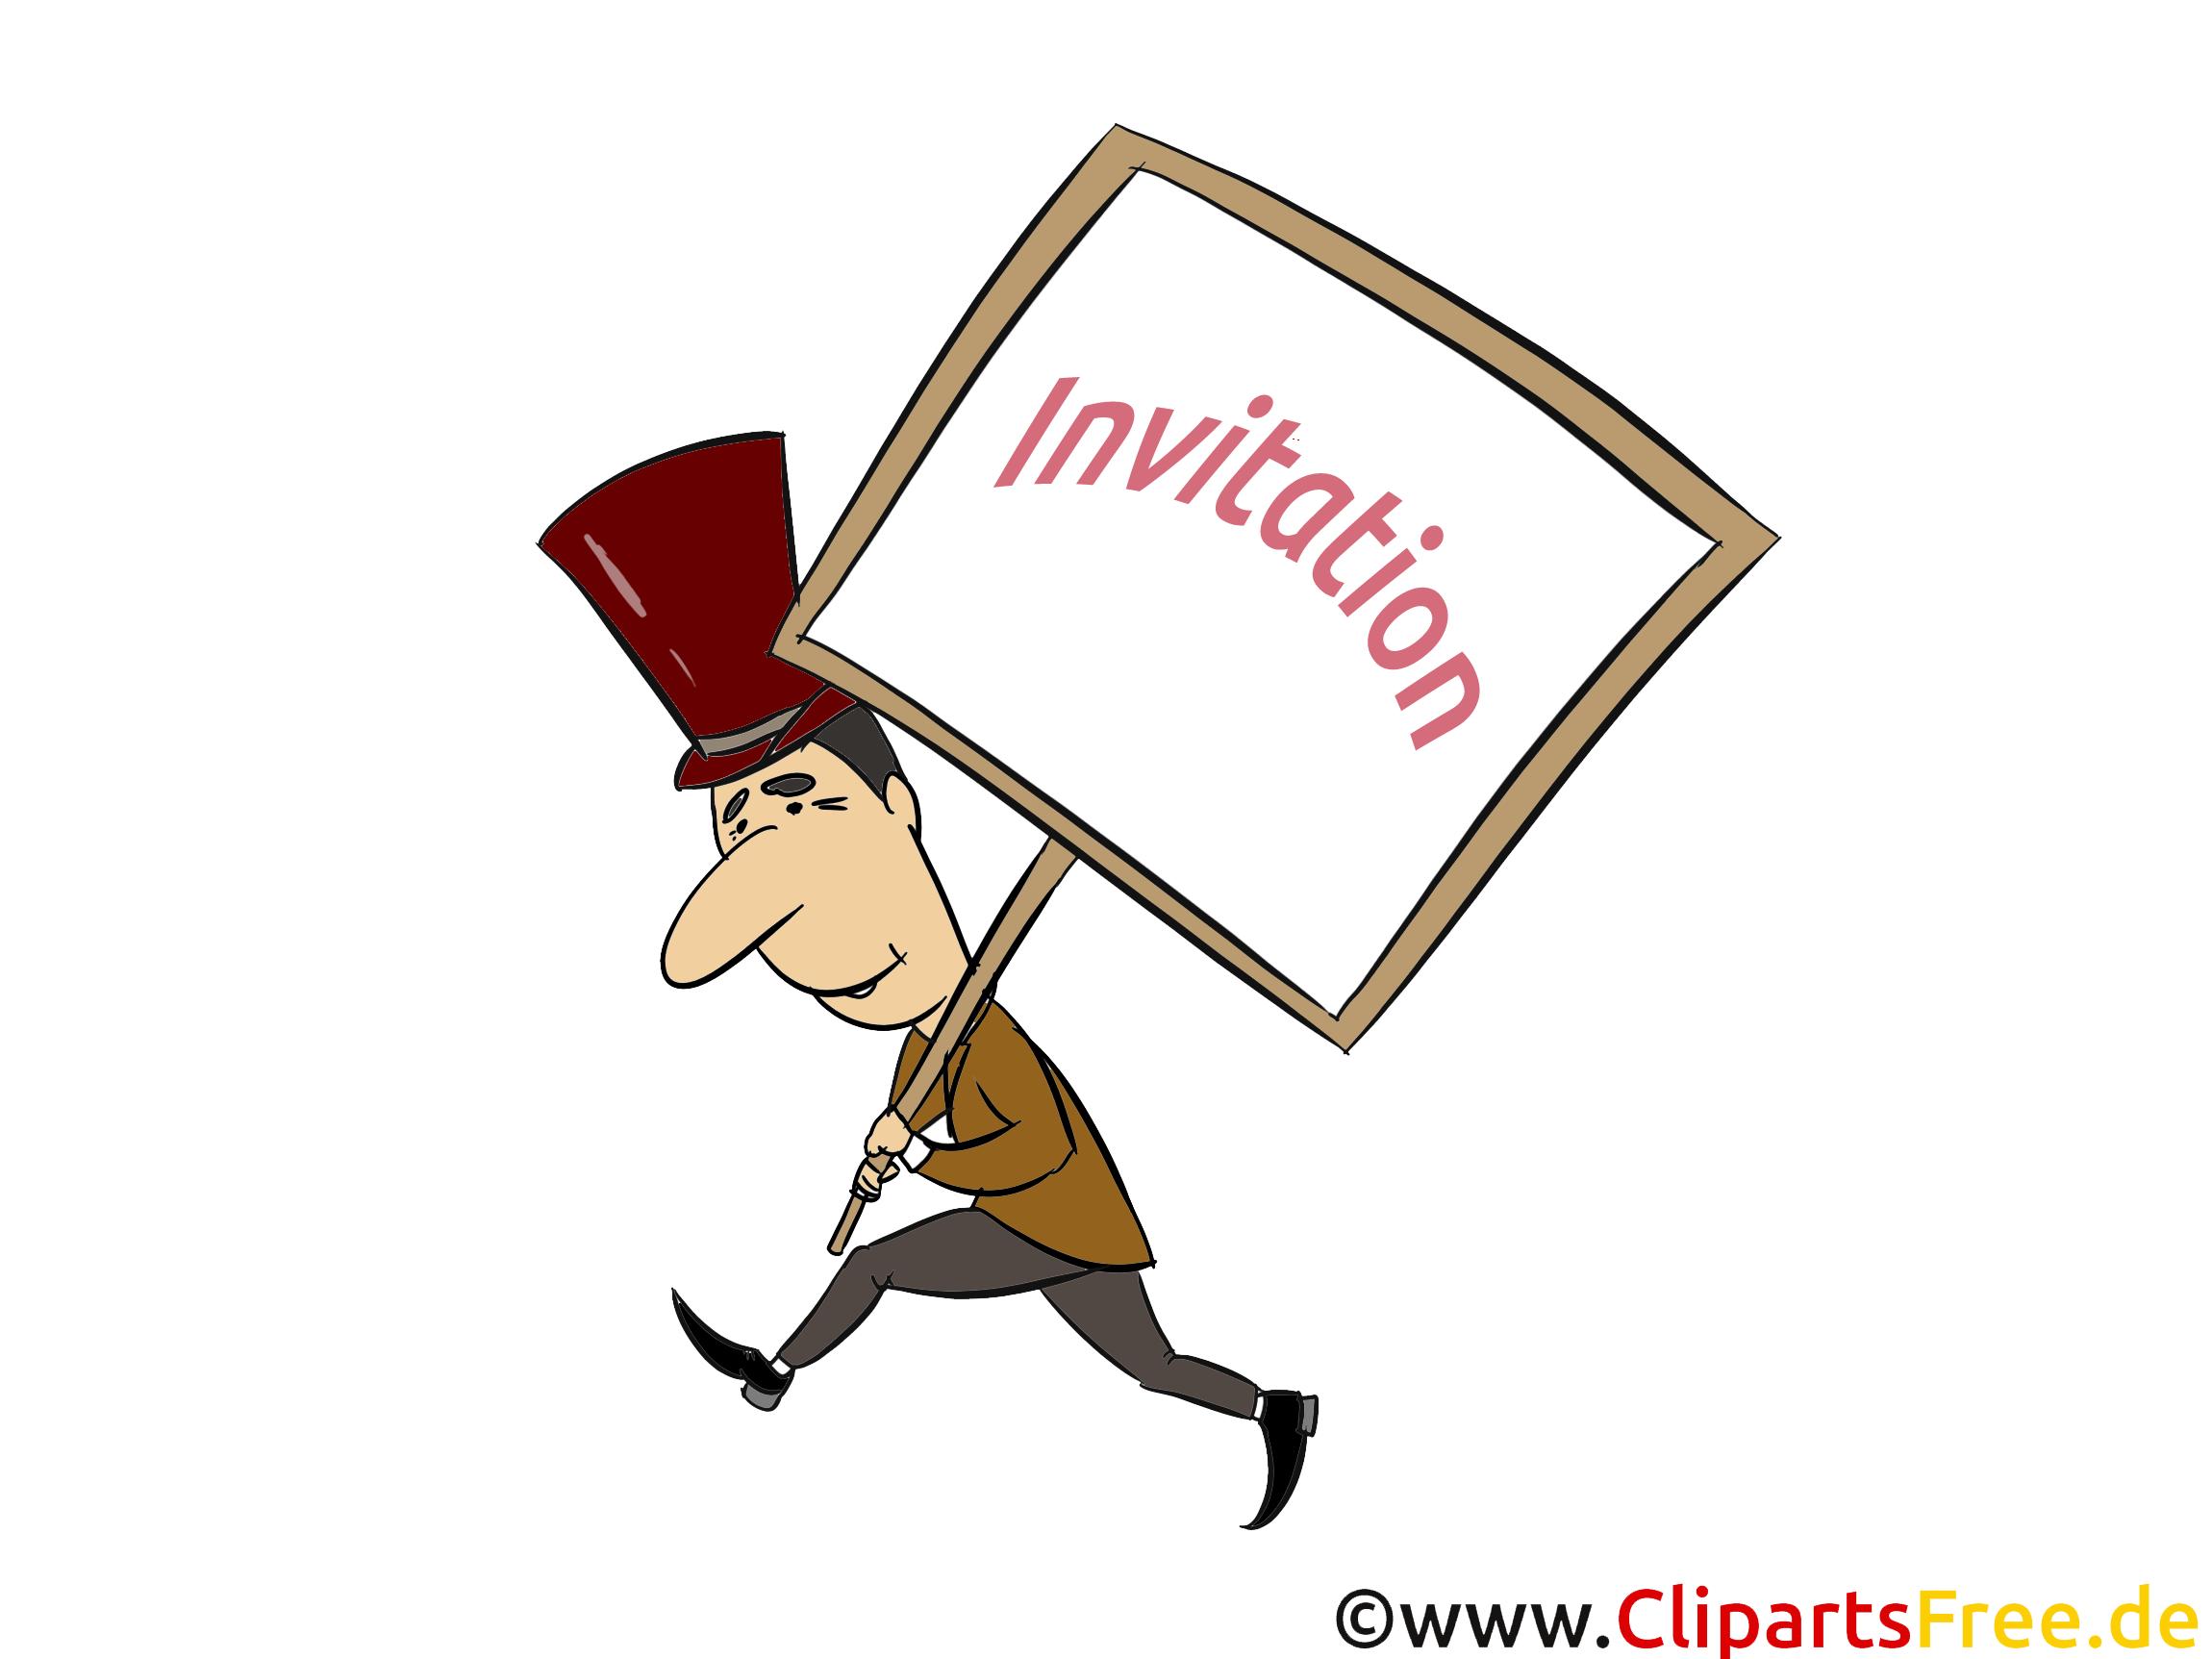 Homme dessin - Invitation cliparts à télécharger